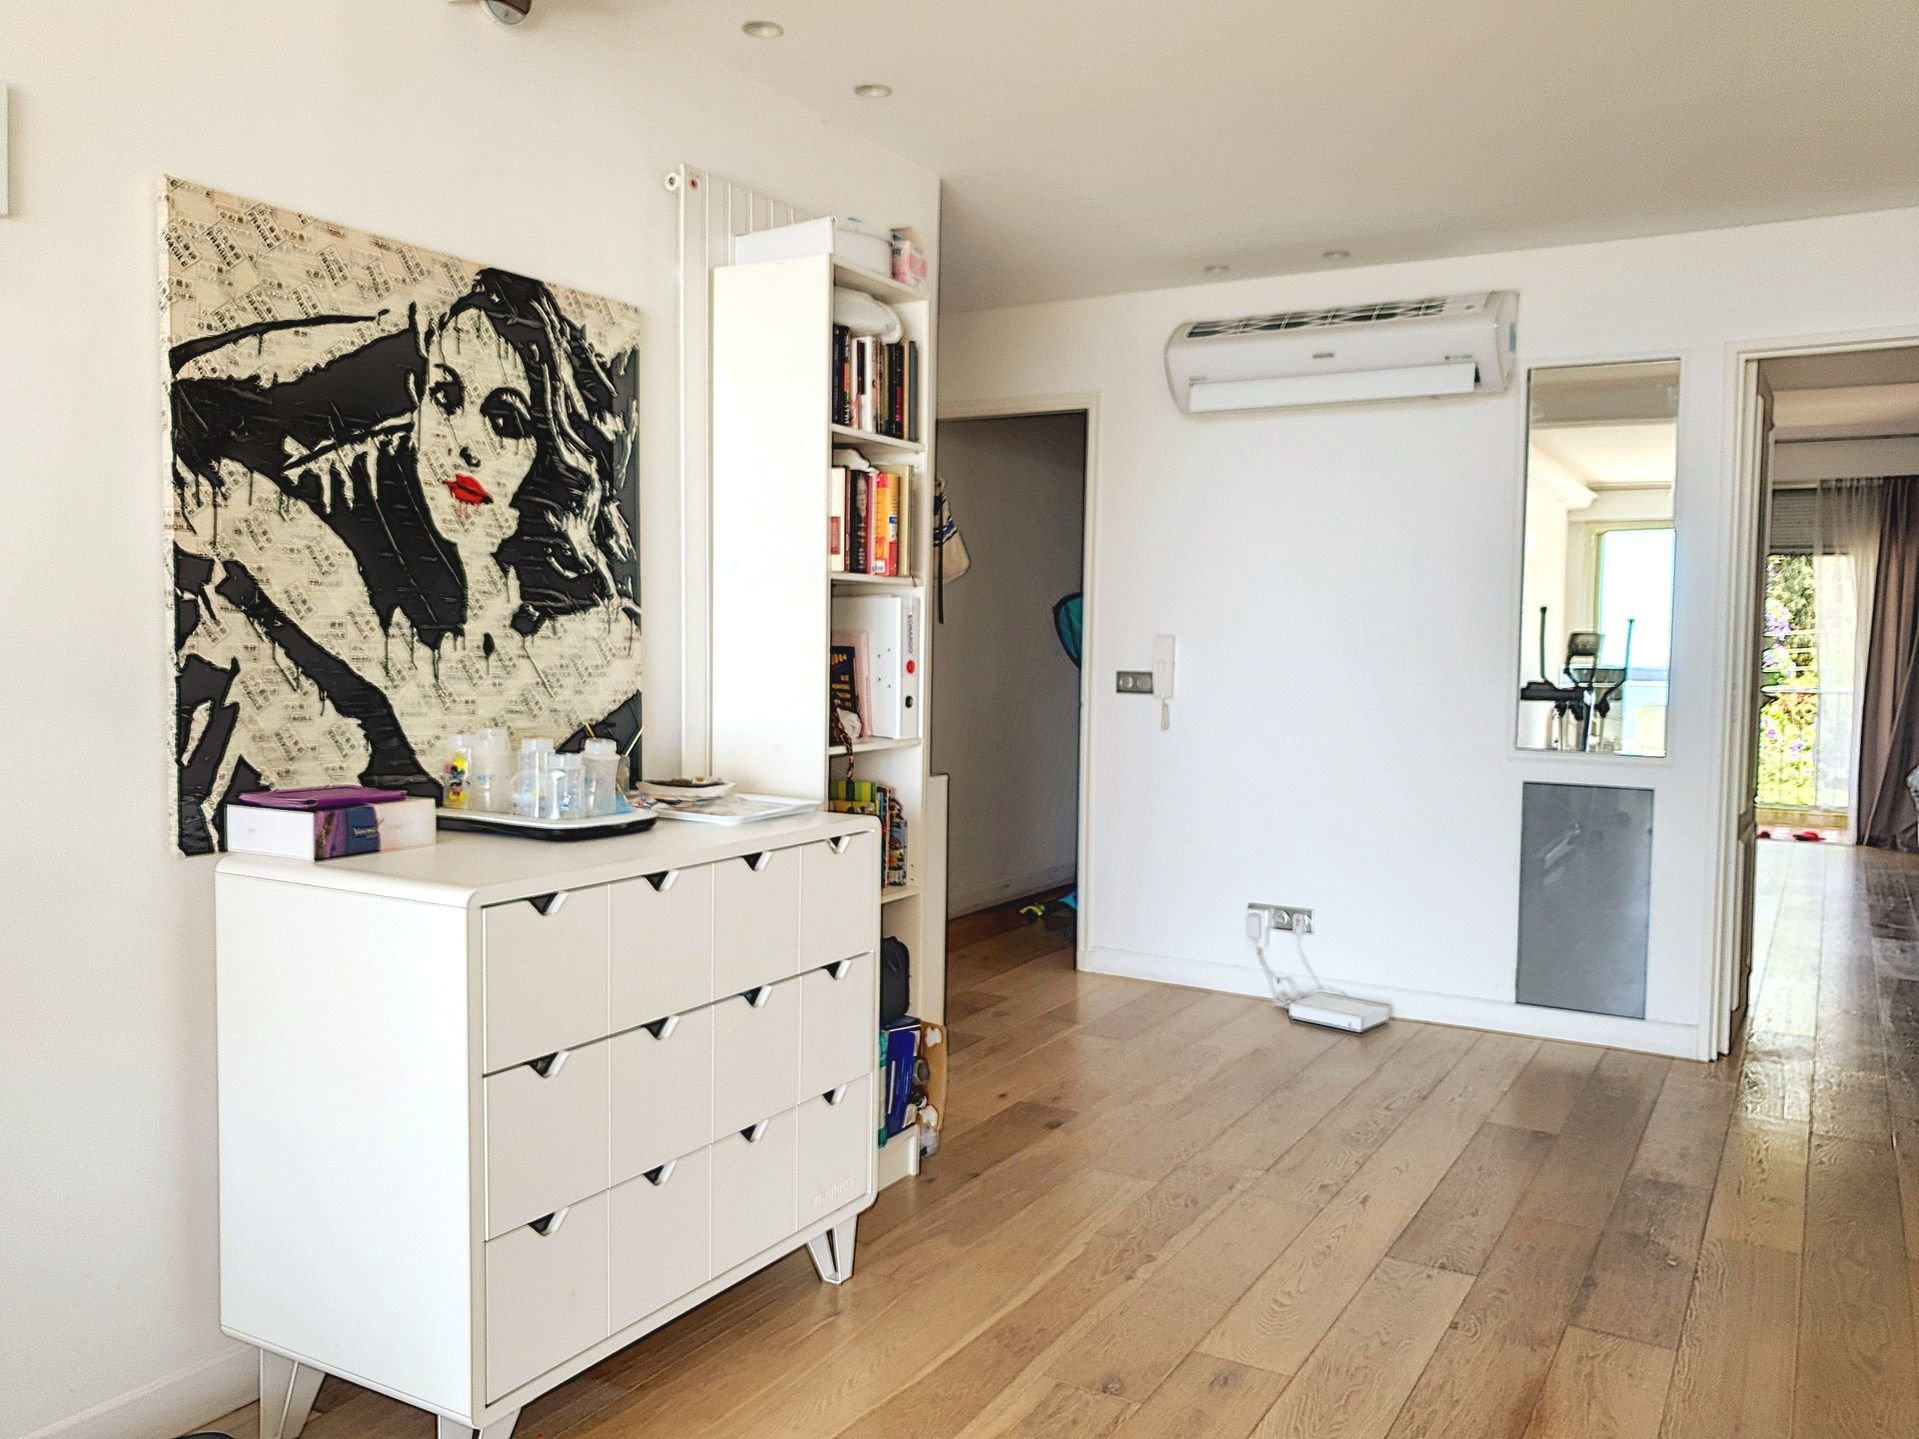 Verkauf Wohnung - Cannes - Frankreich